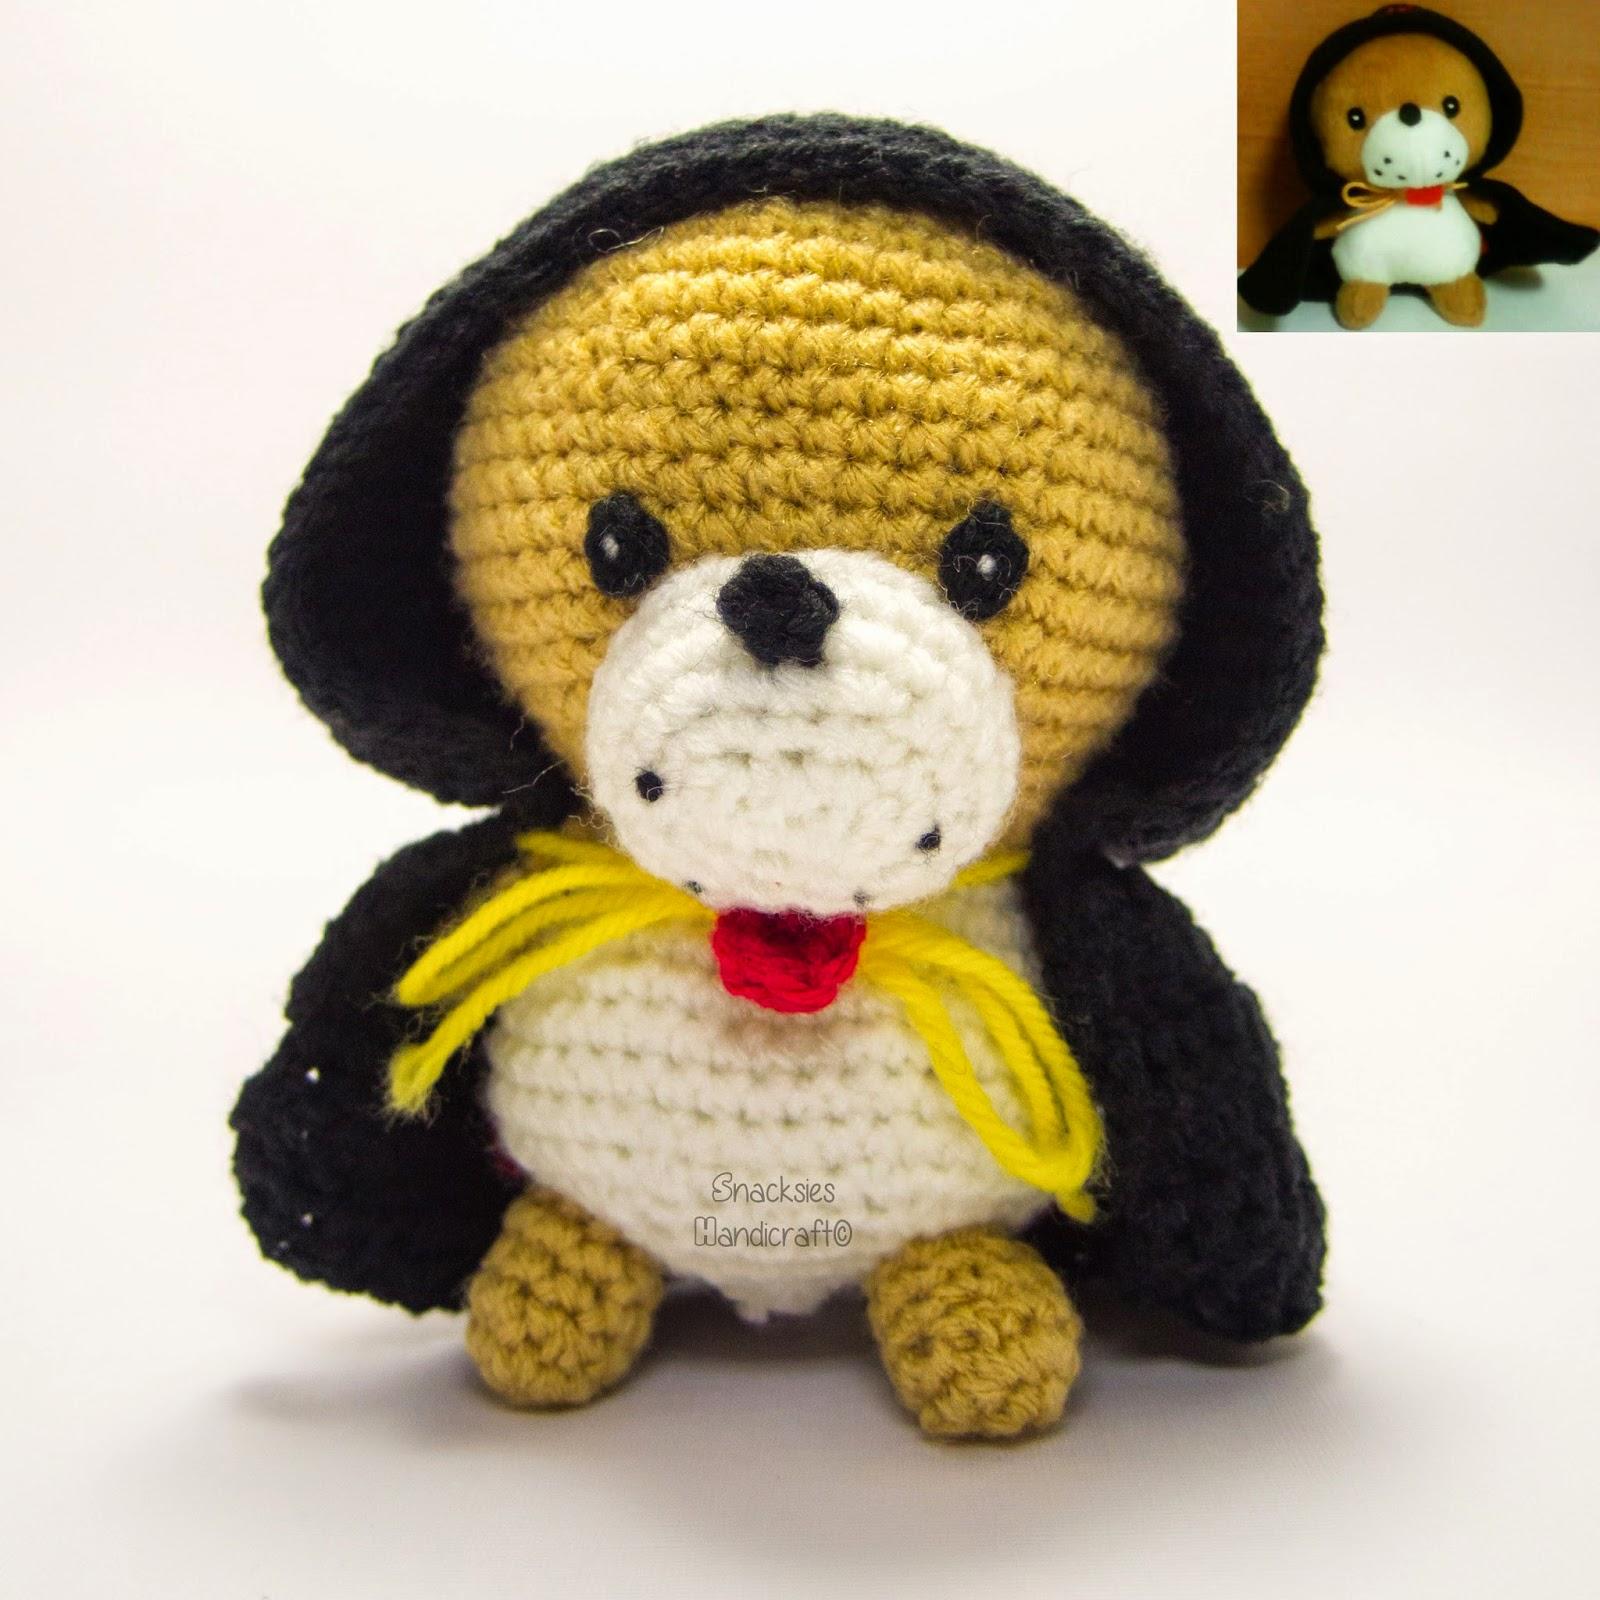 crocheted Kiwatarou (極太郎) amigurumi